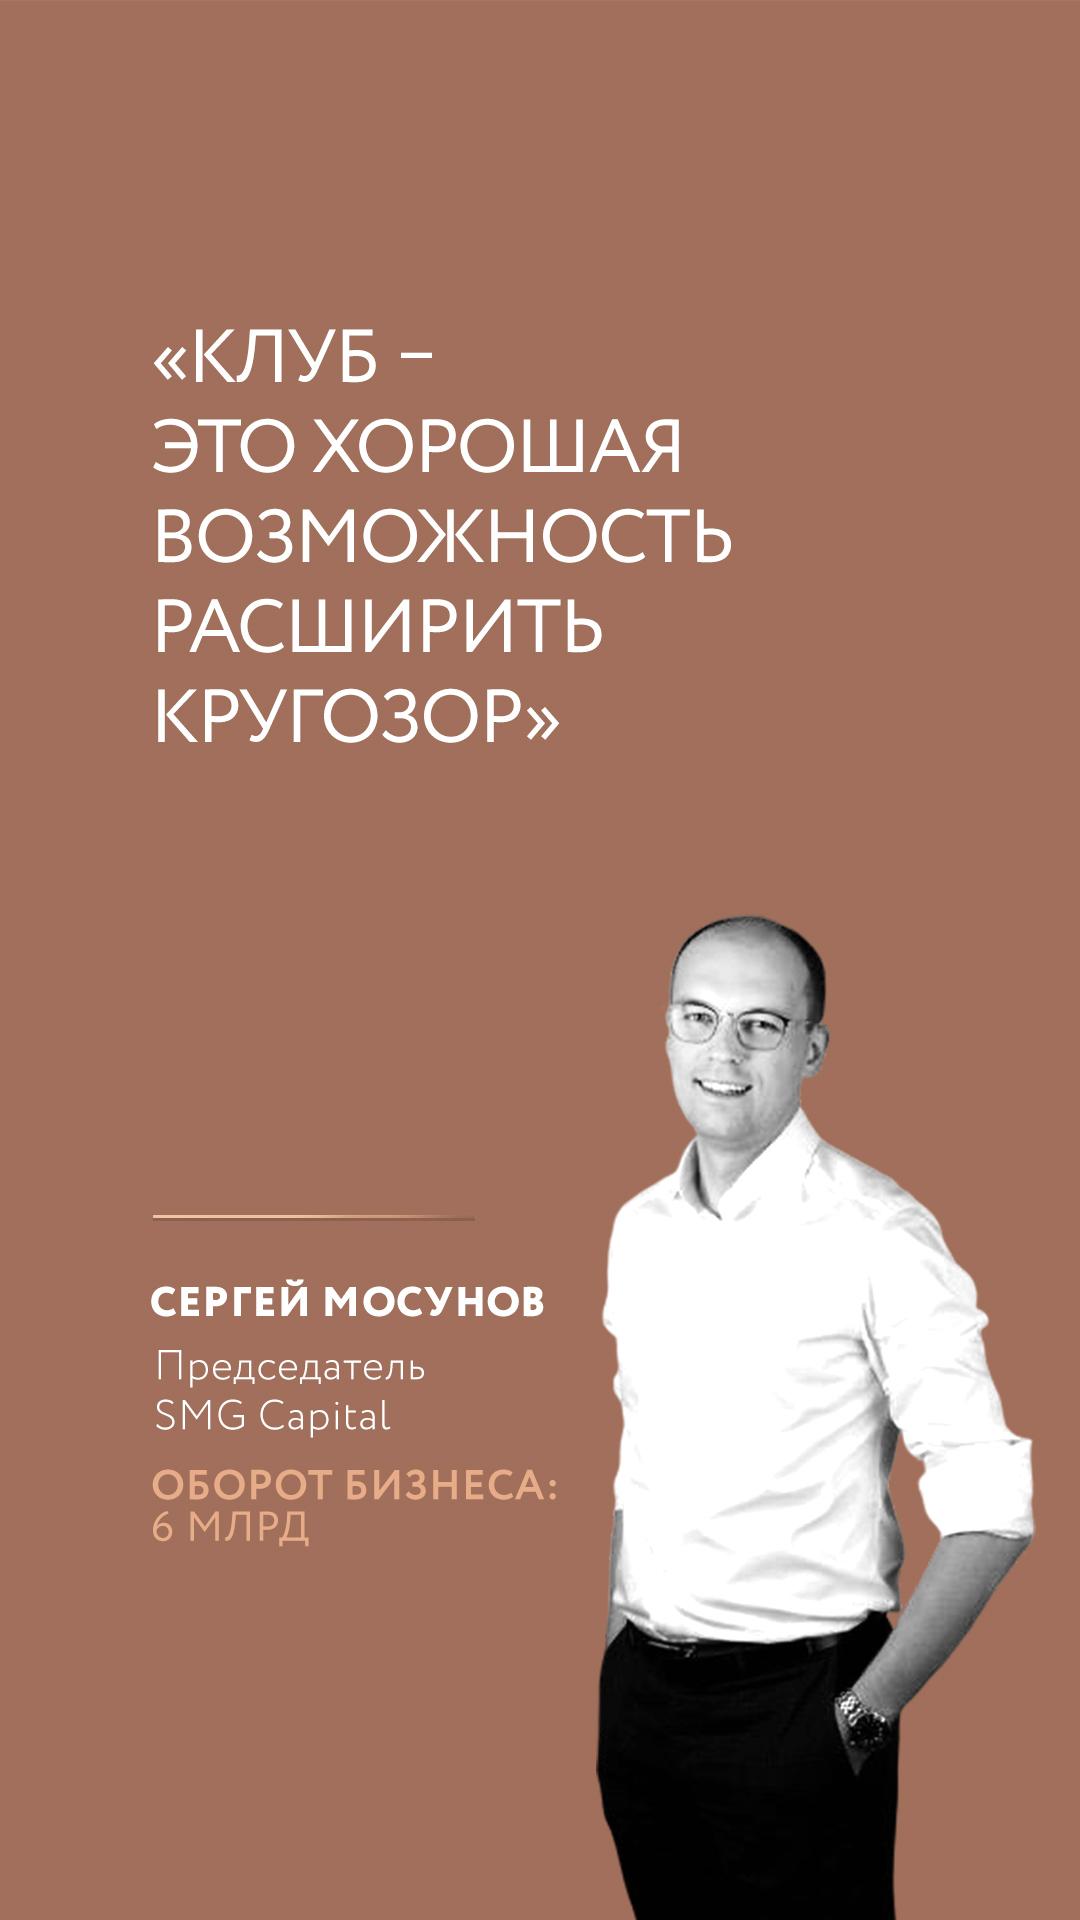 Клуб атланты бизнес москва клуб без фейс контроля в москве